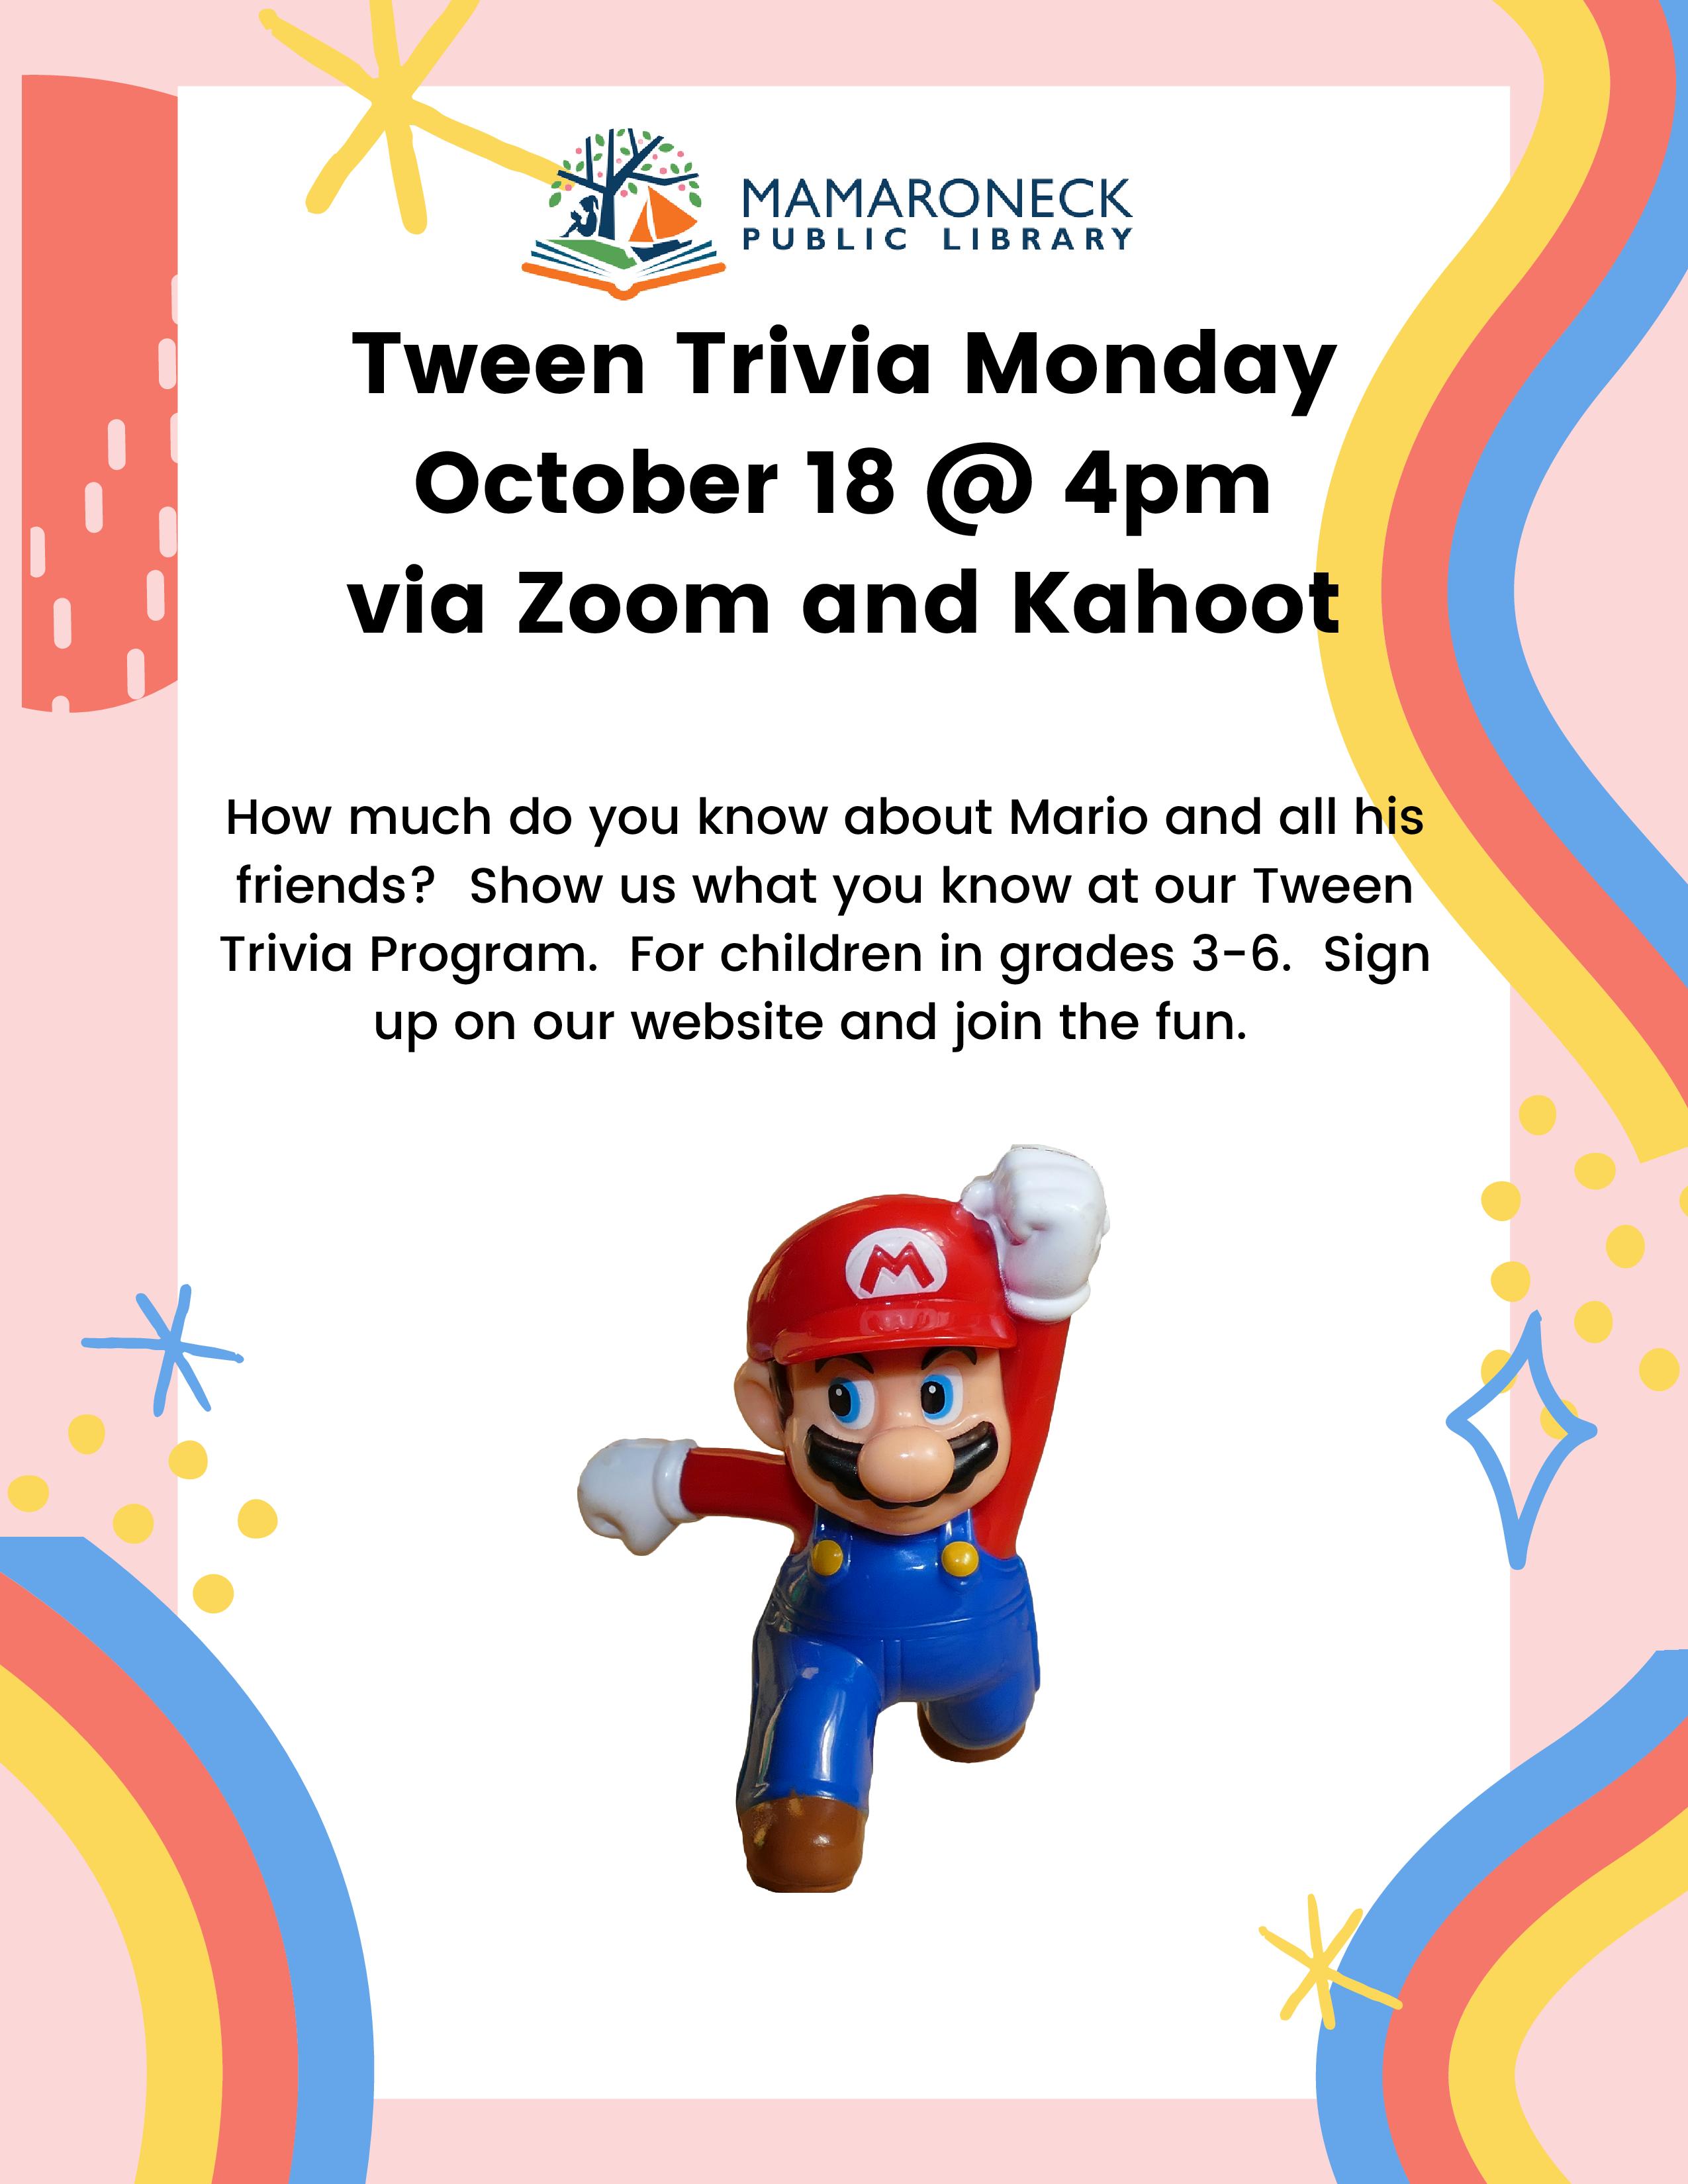 Tween trivia contest on Mario Bros. via Zoom